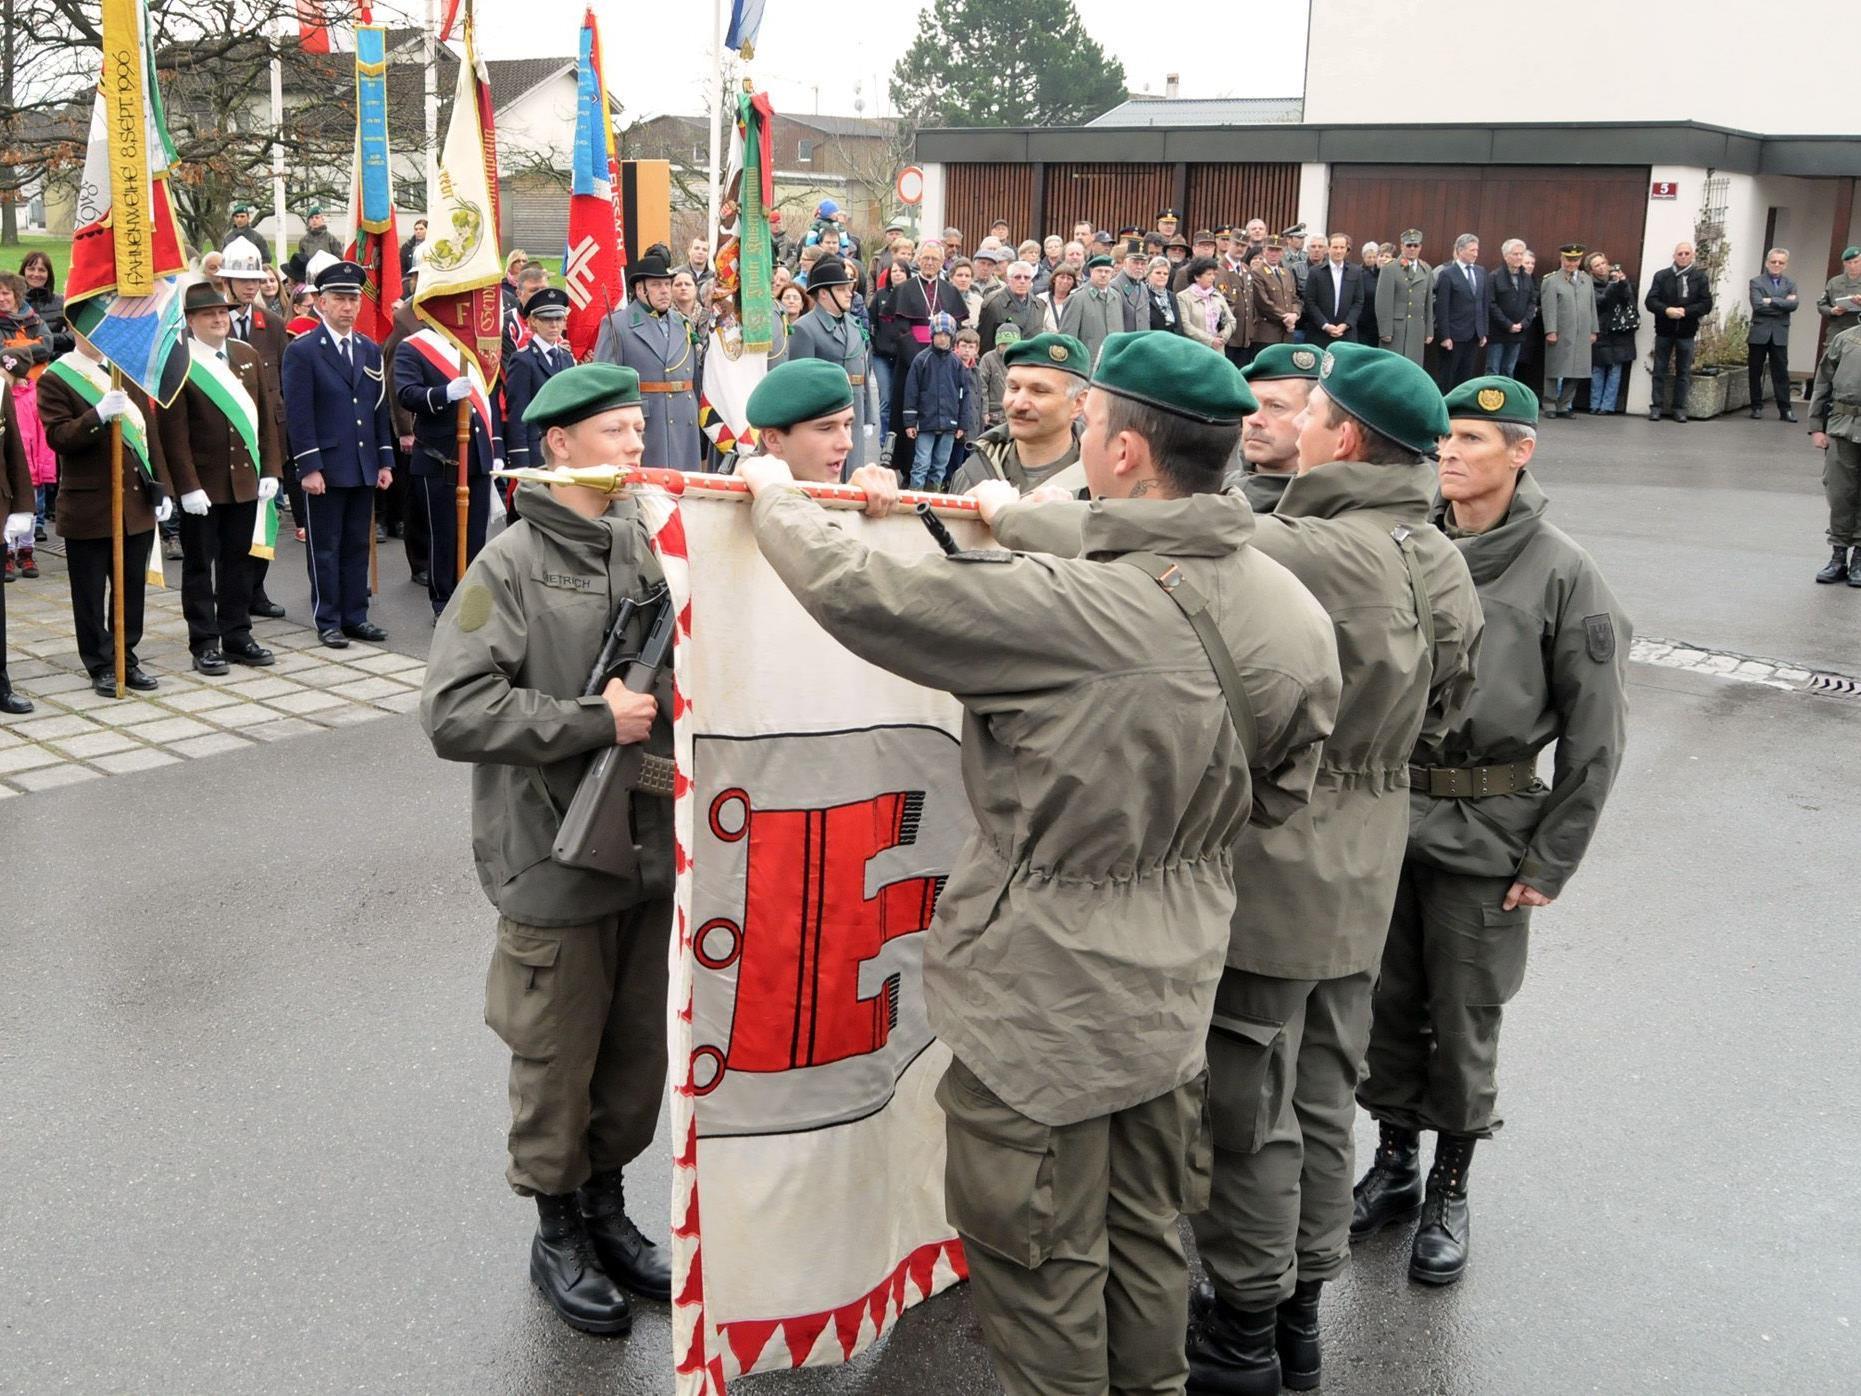 Feierliche Angelobung der 45 Vorarlberger Rekruten auf dem Schulplatz in Fußach